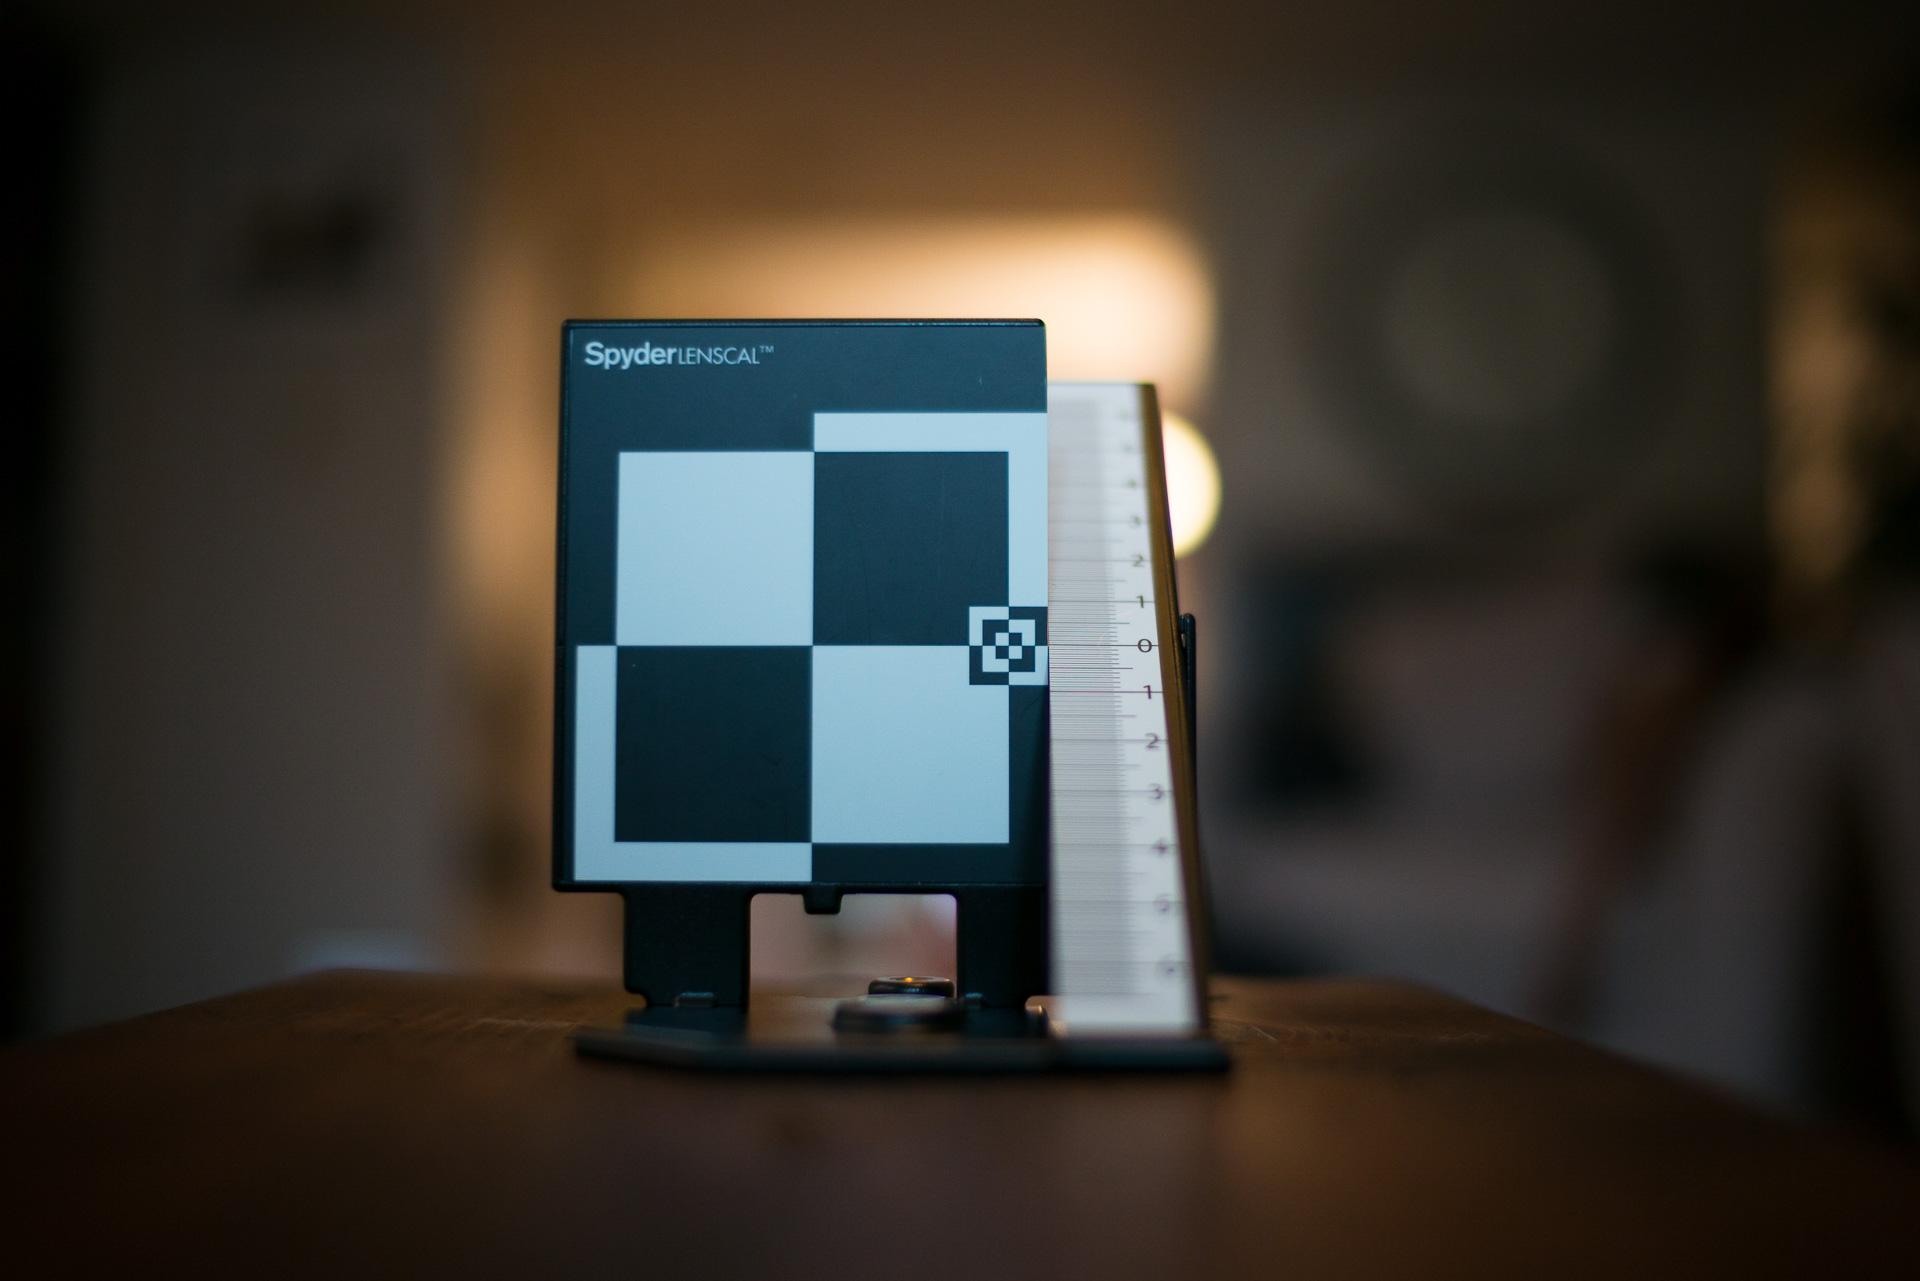 Nokton 35mm @f/1.2 - At minimum focus distance